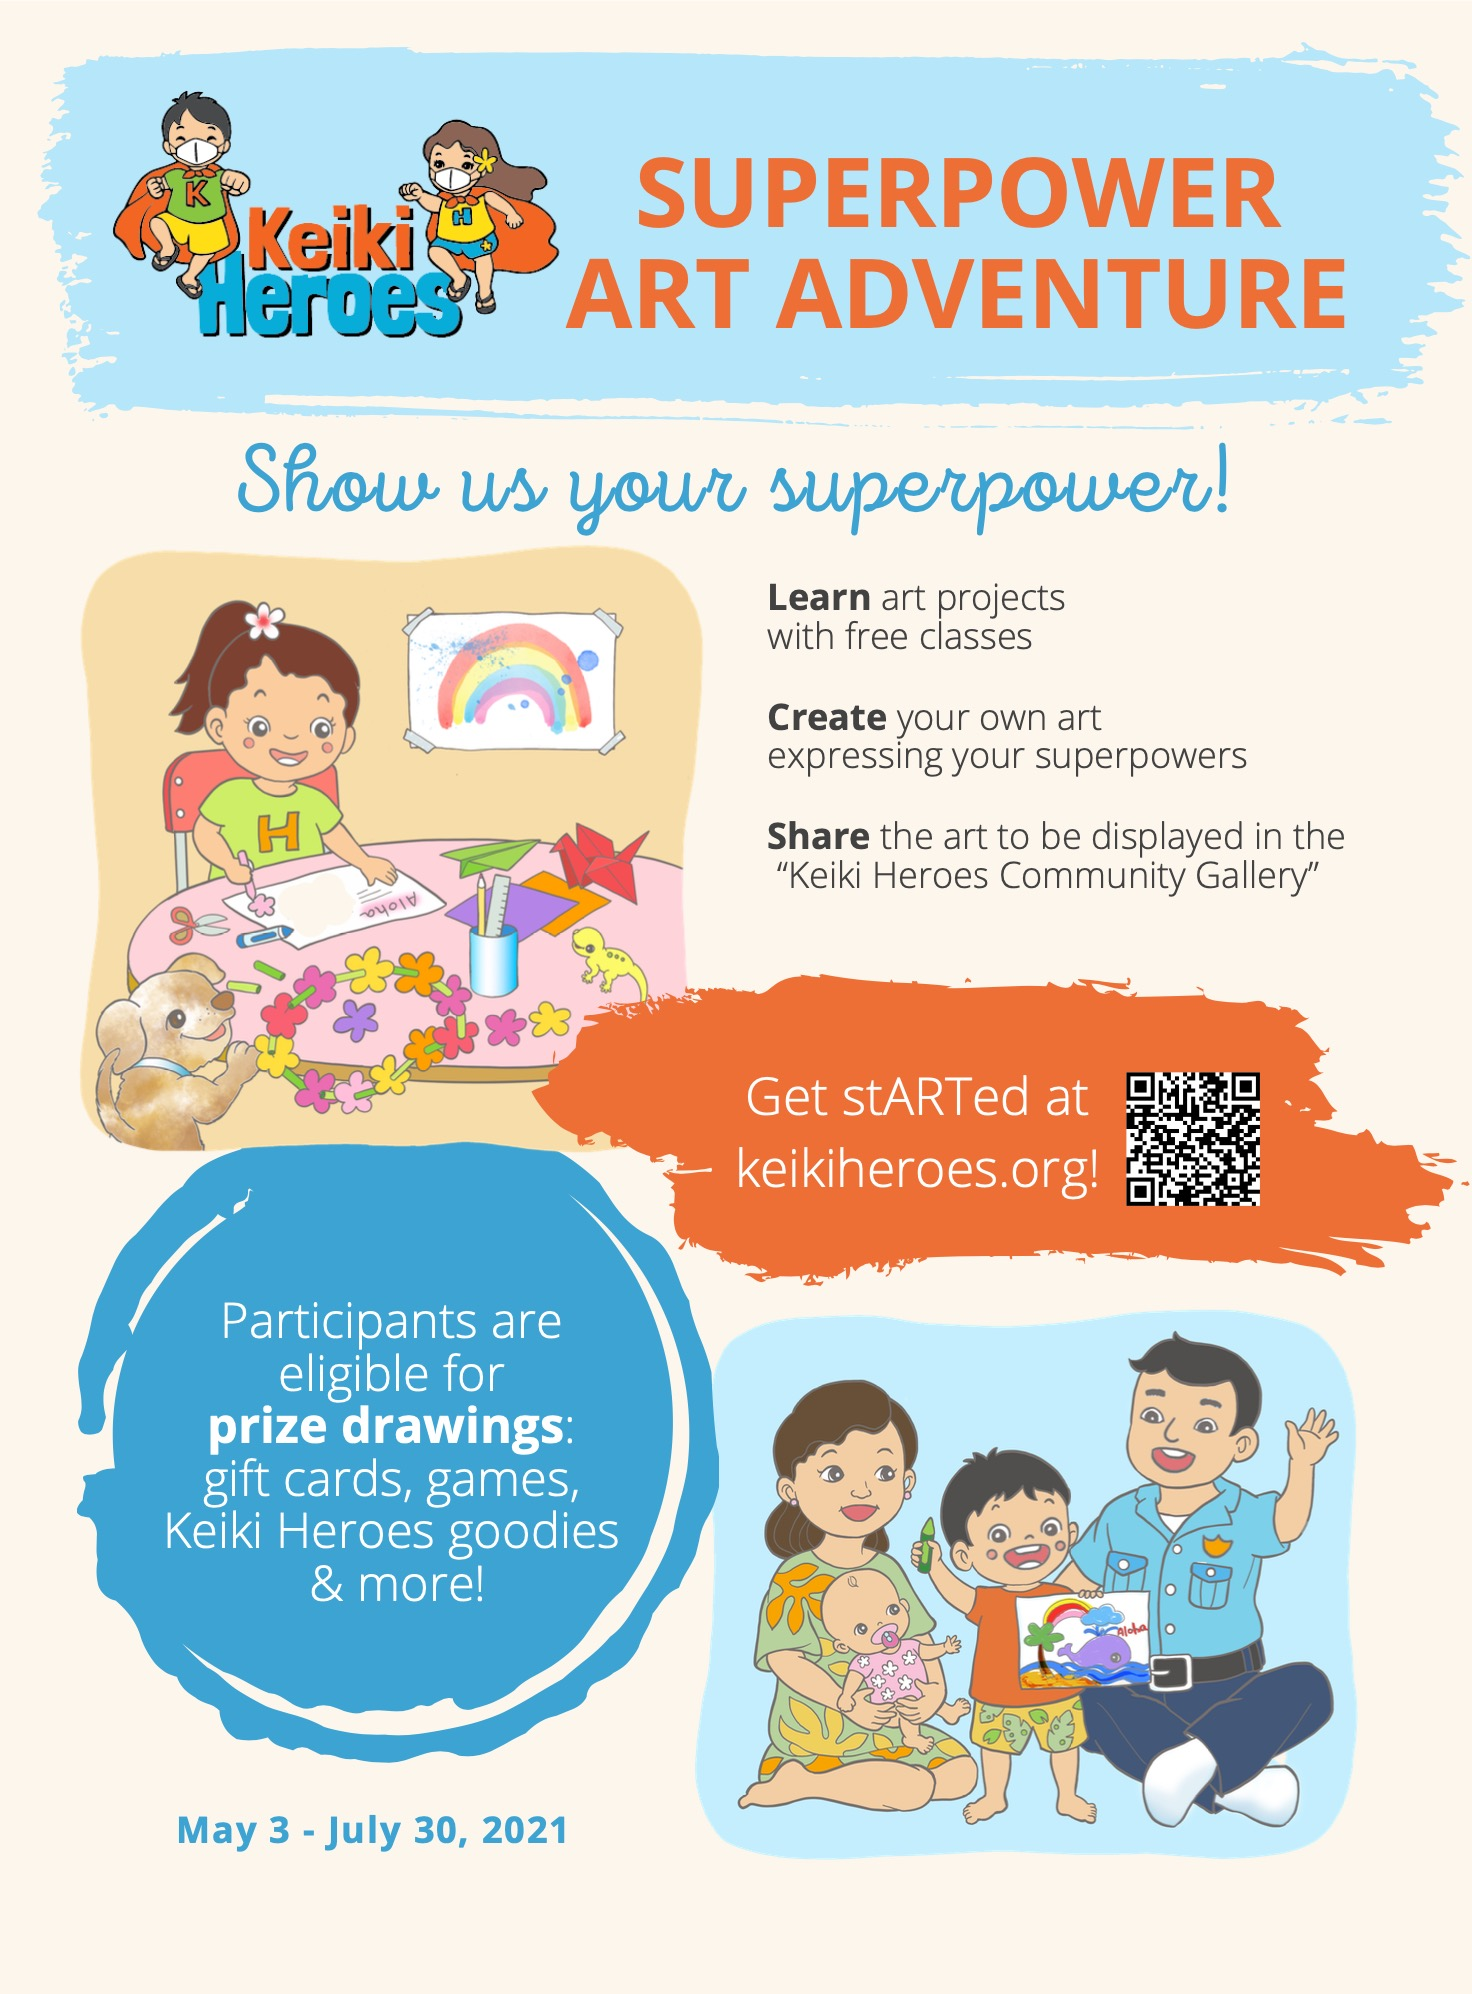 Superpower Art Adventure Poster